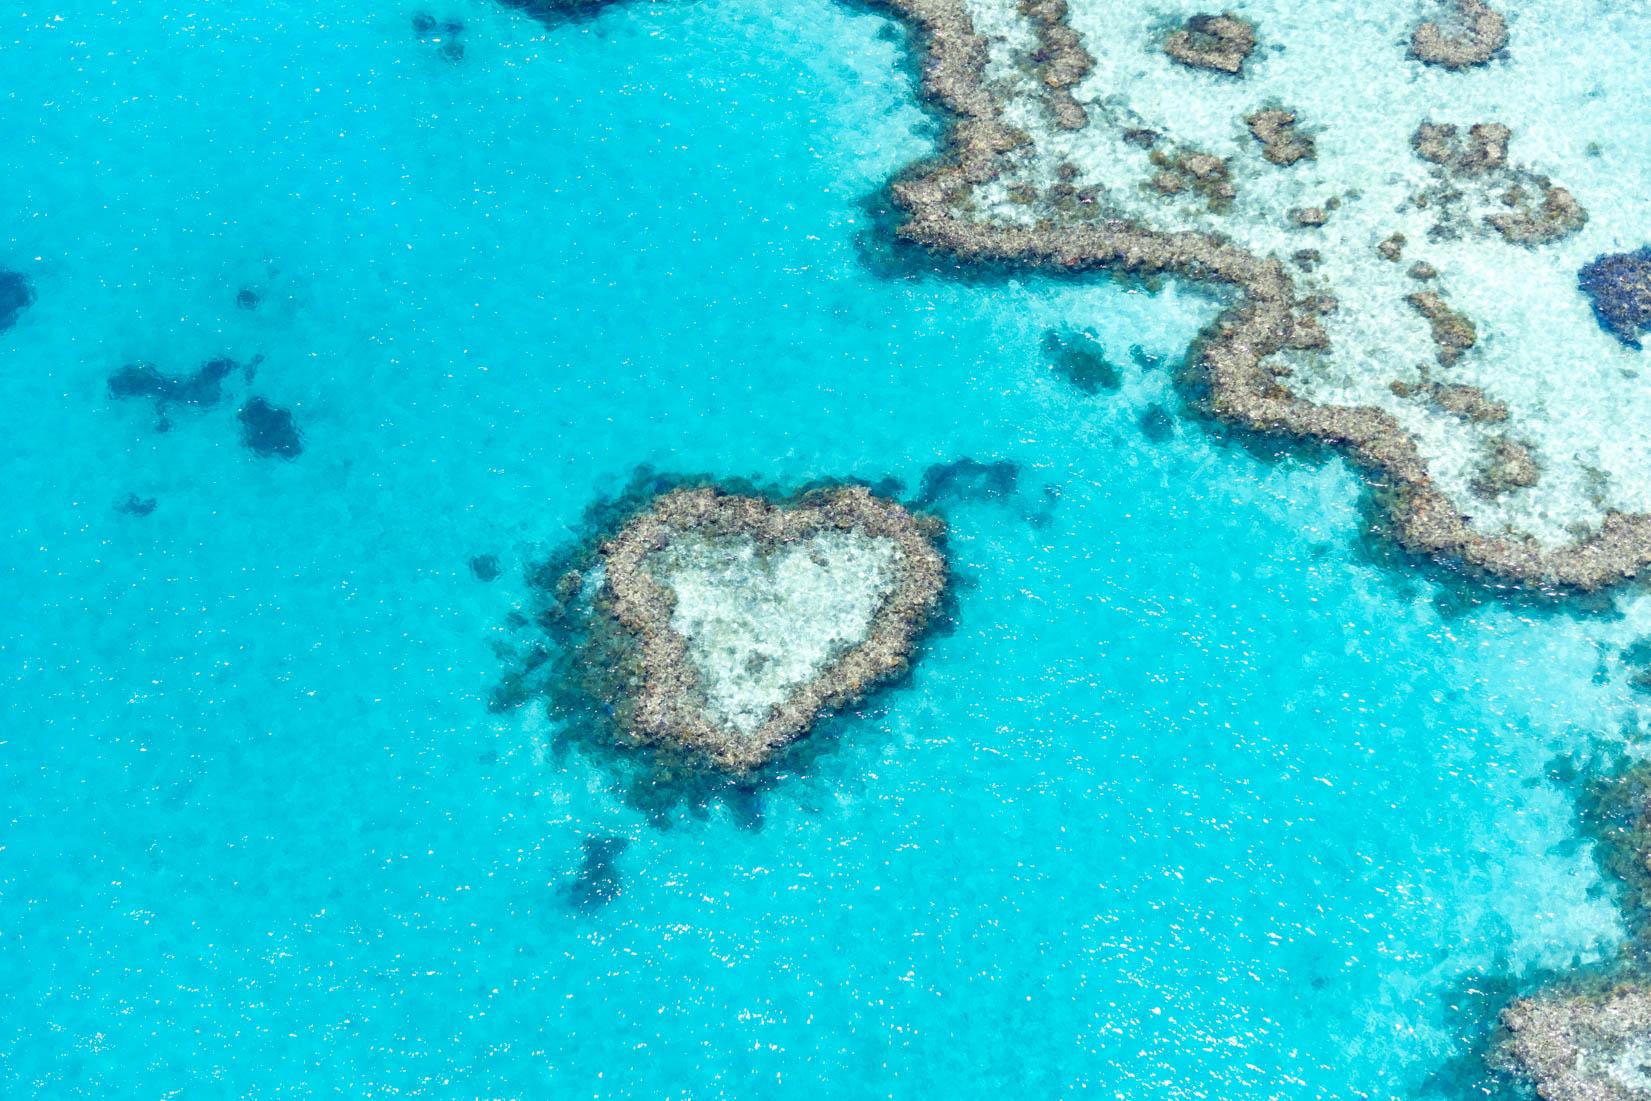 Heart Reef im Great Barrier Reef, Australien